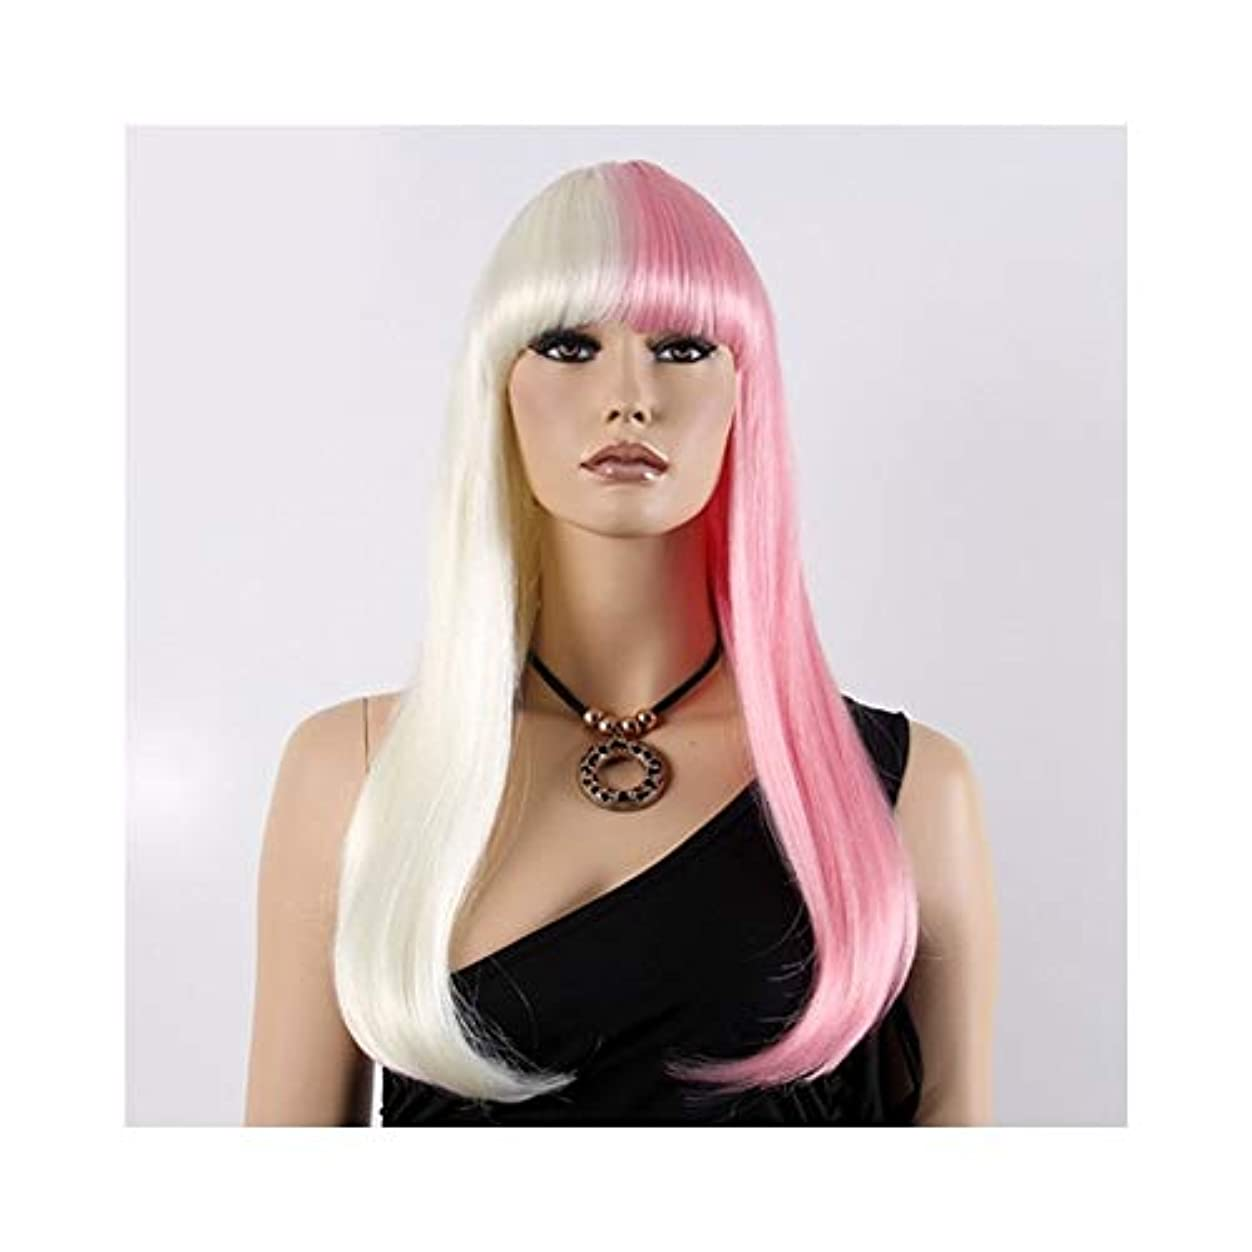 アトム生き物クルーズYOUQIU 女子ハーフホワイトハーフパウダーロングストレート合成ボブ髪Wigcosplayウィッグウィッグ (色 : Photo Color)